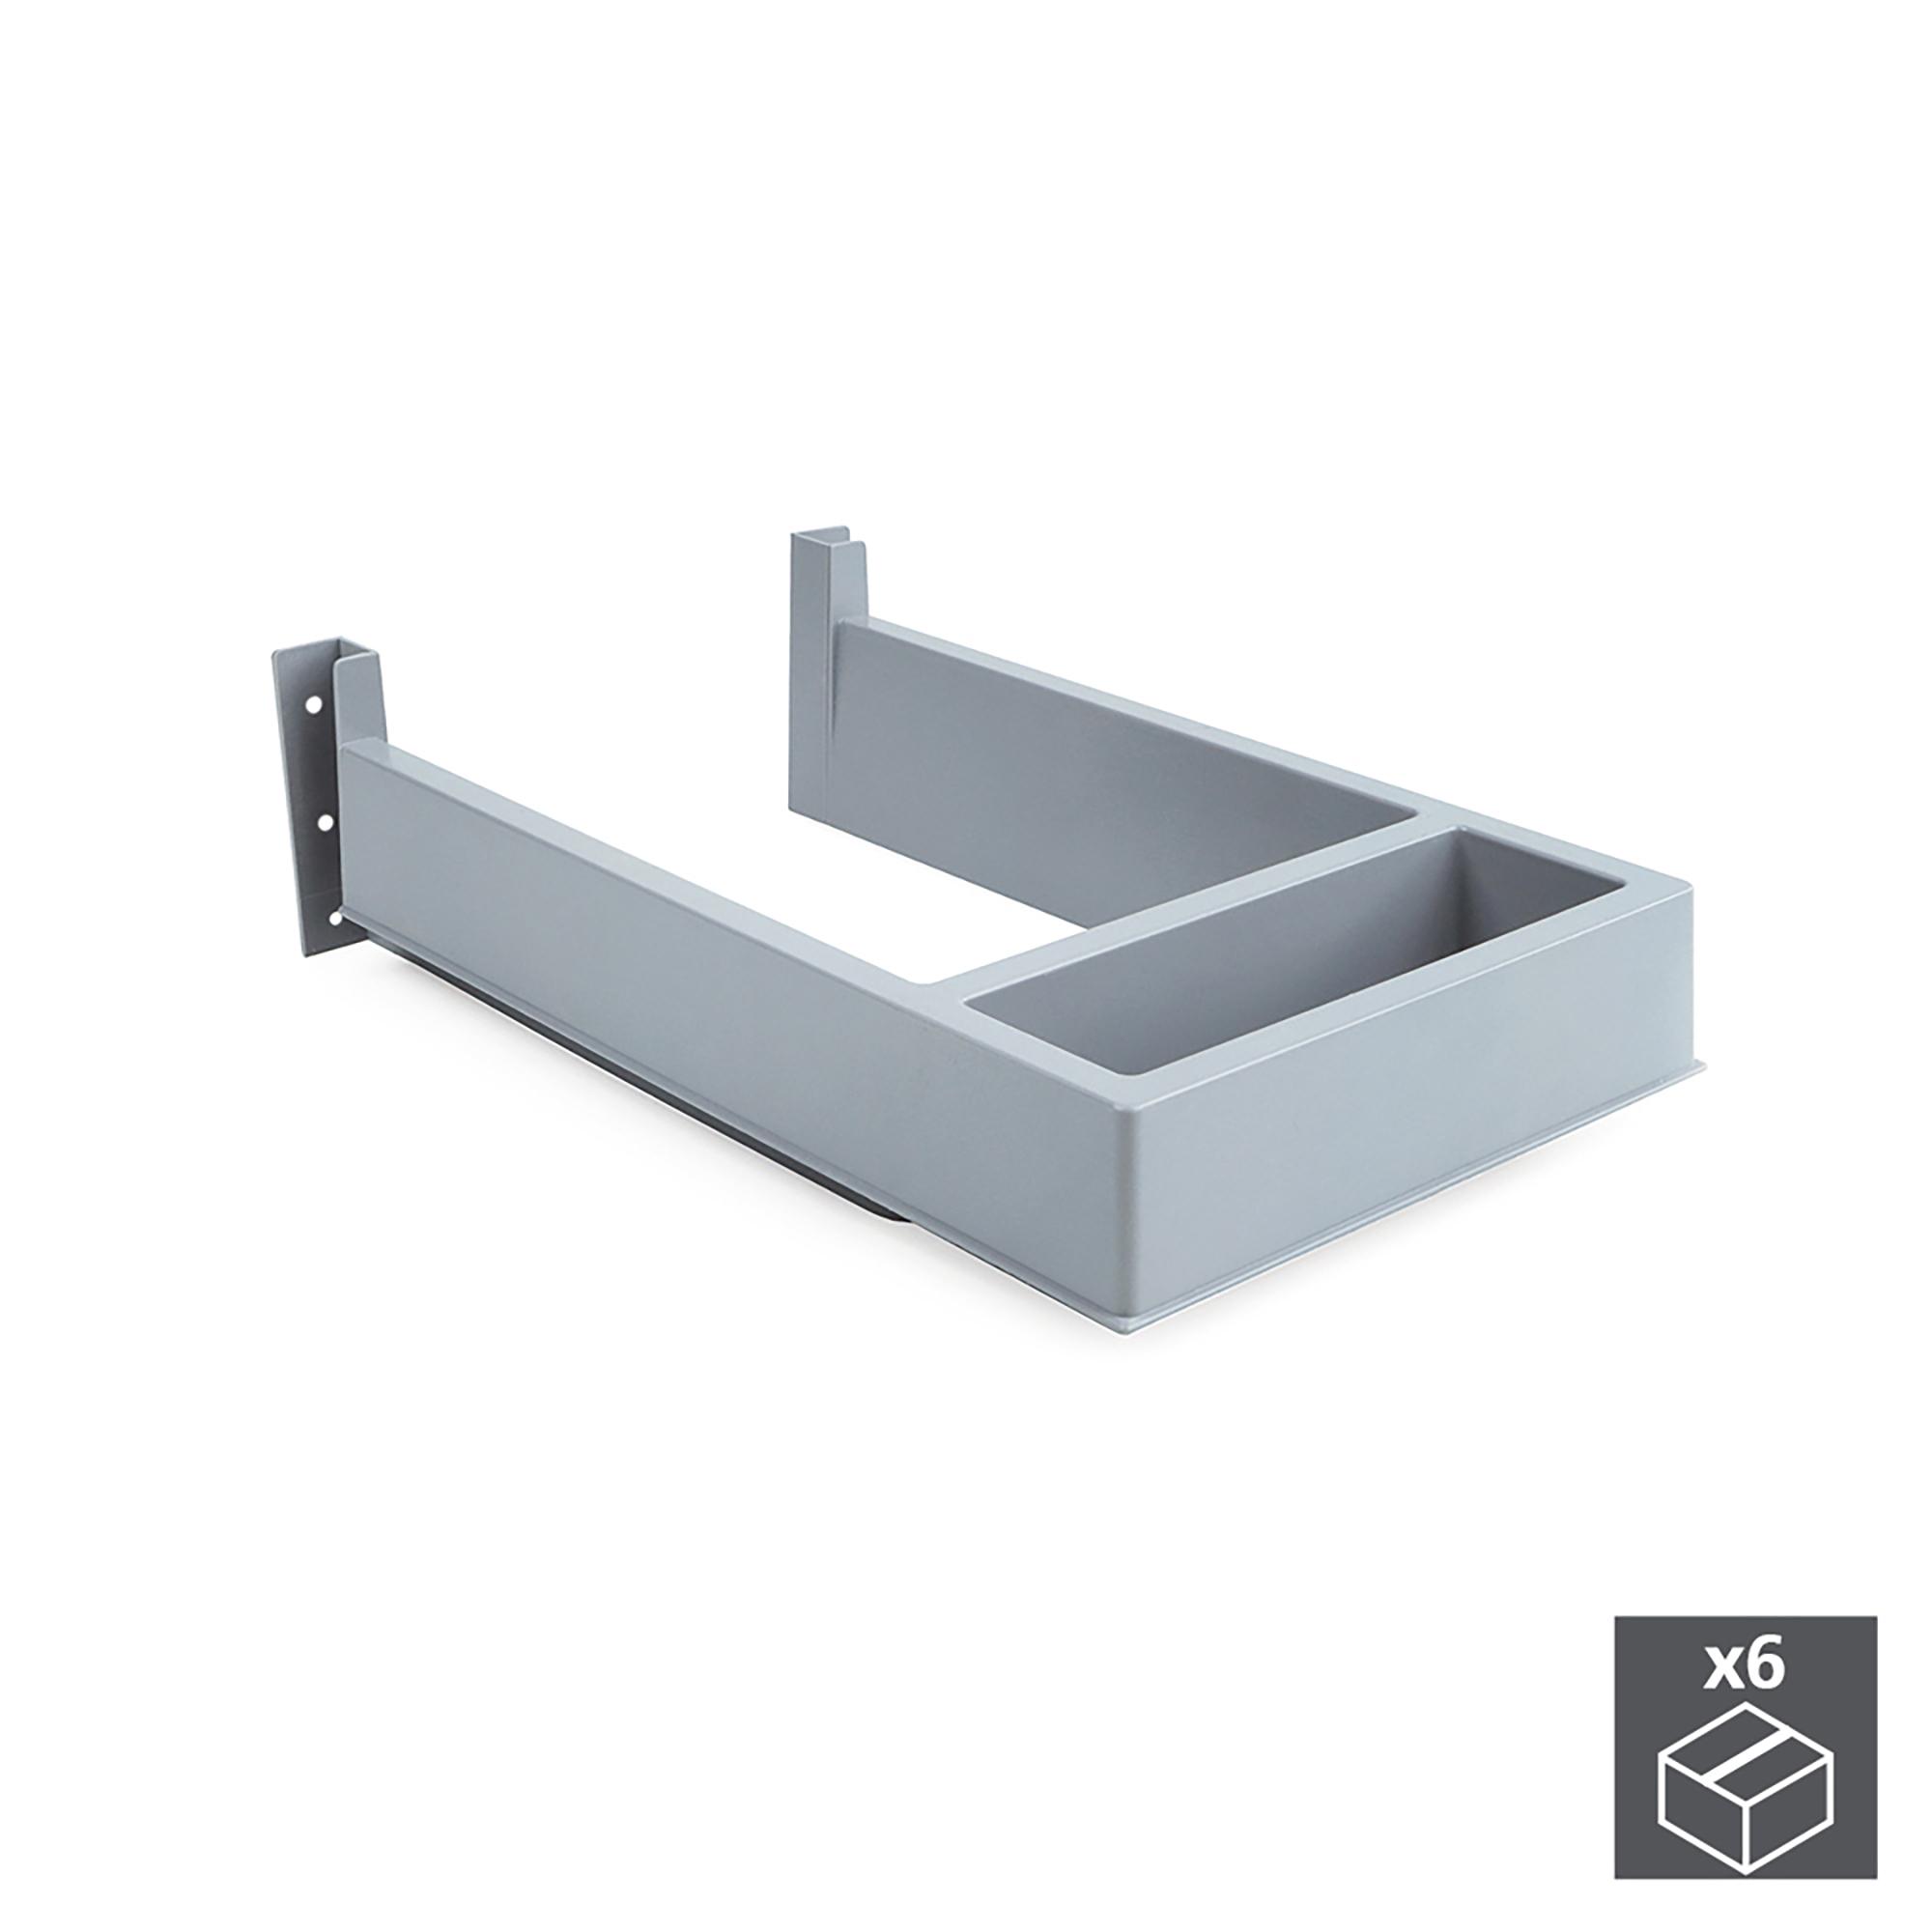 Emuca Salva sifone per cassetti del bagno, rettangolare, Plastica, Grigio, 6 u.